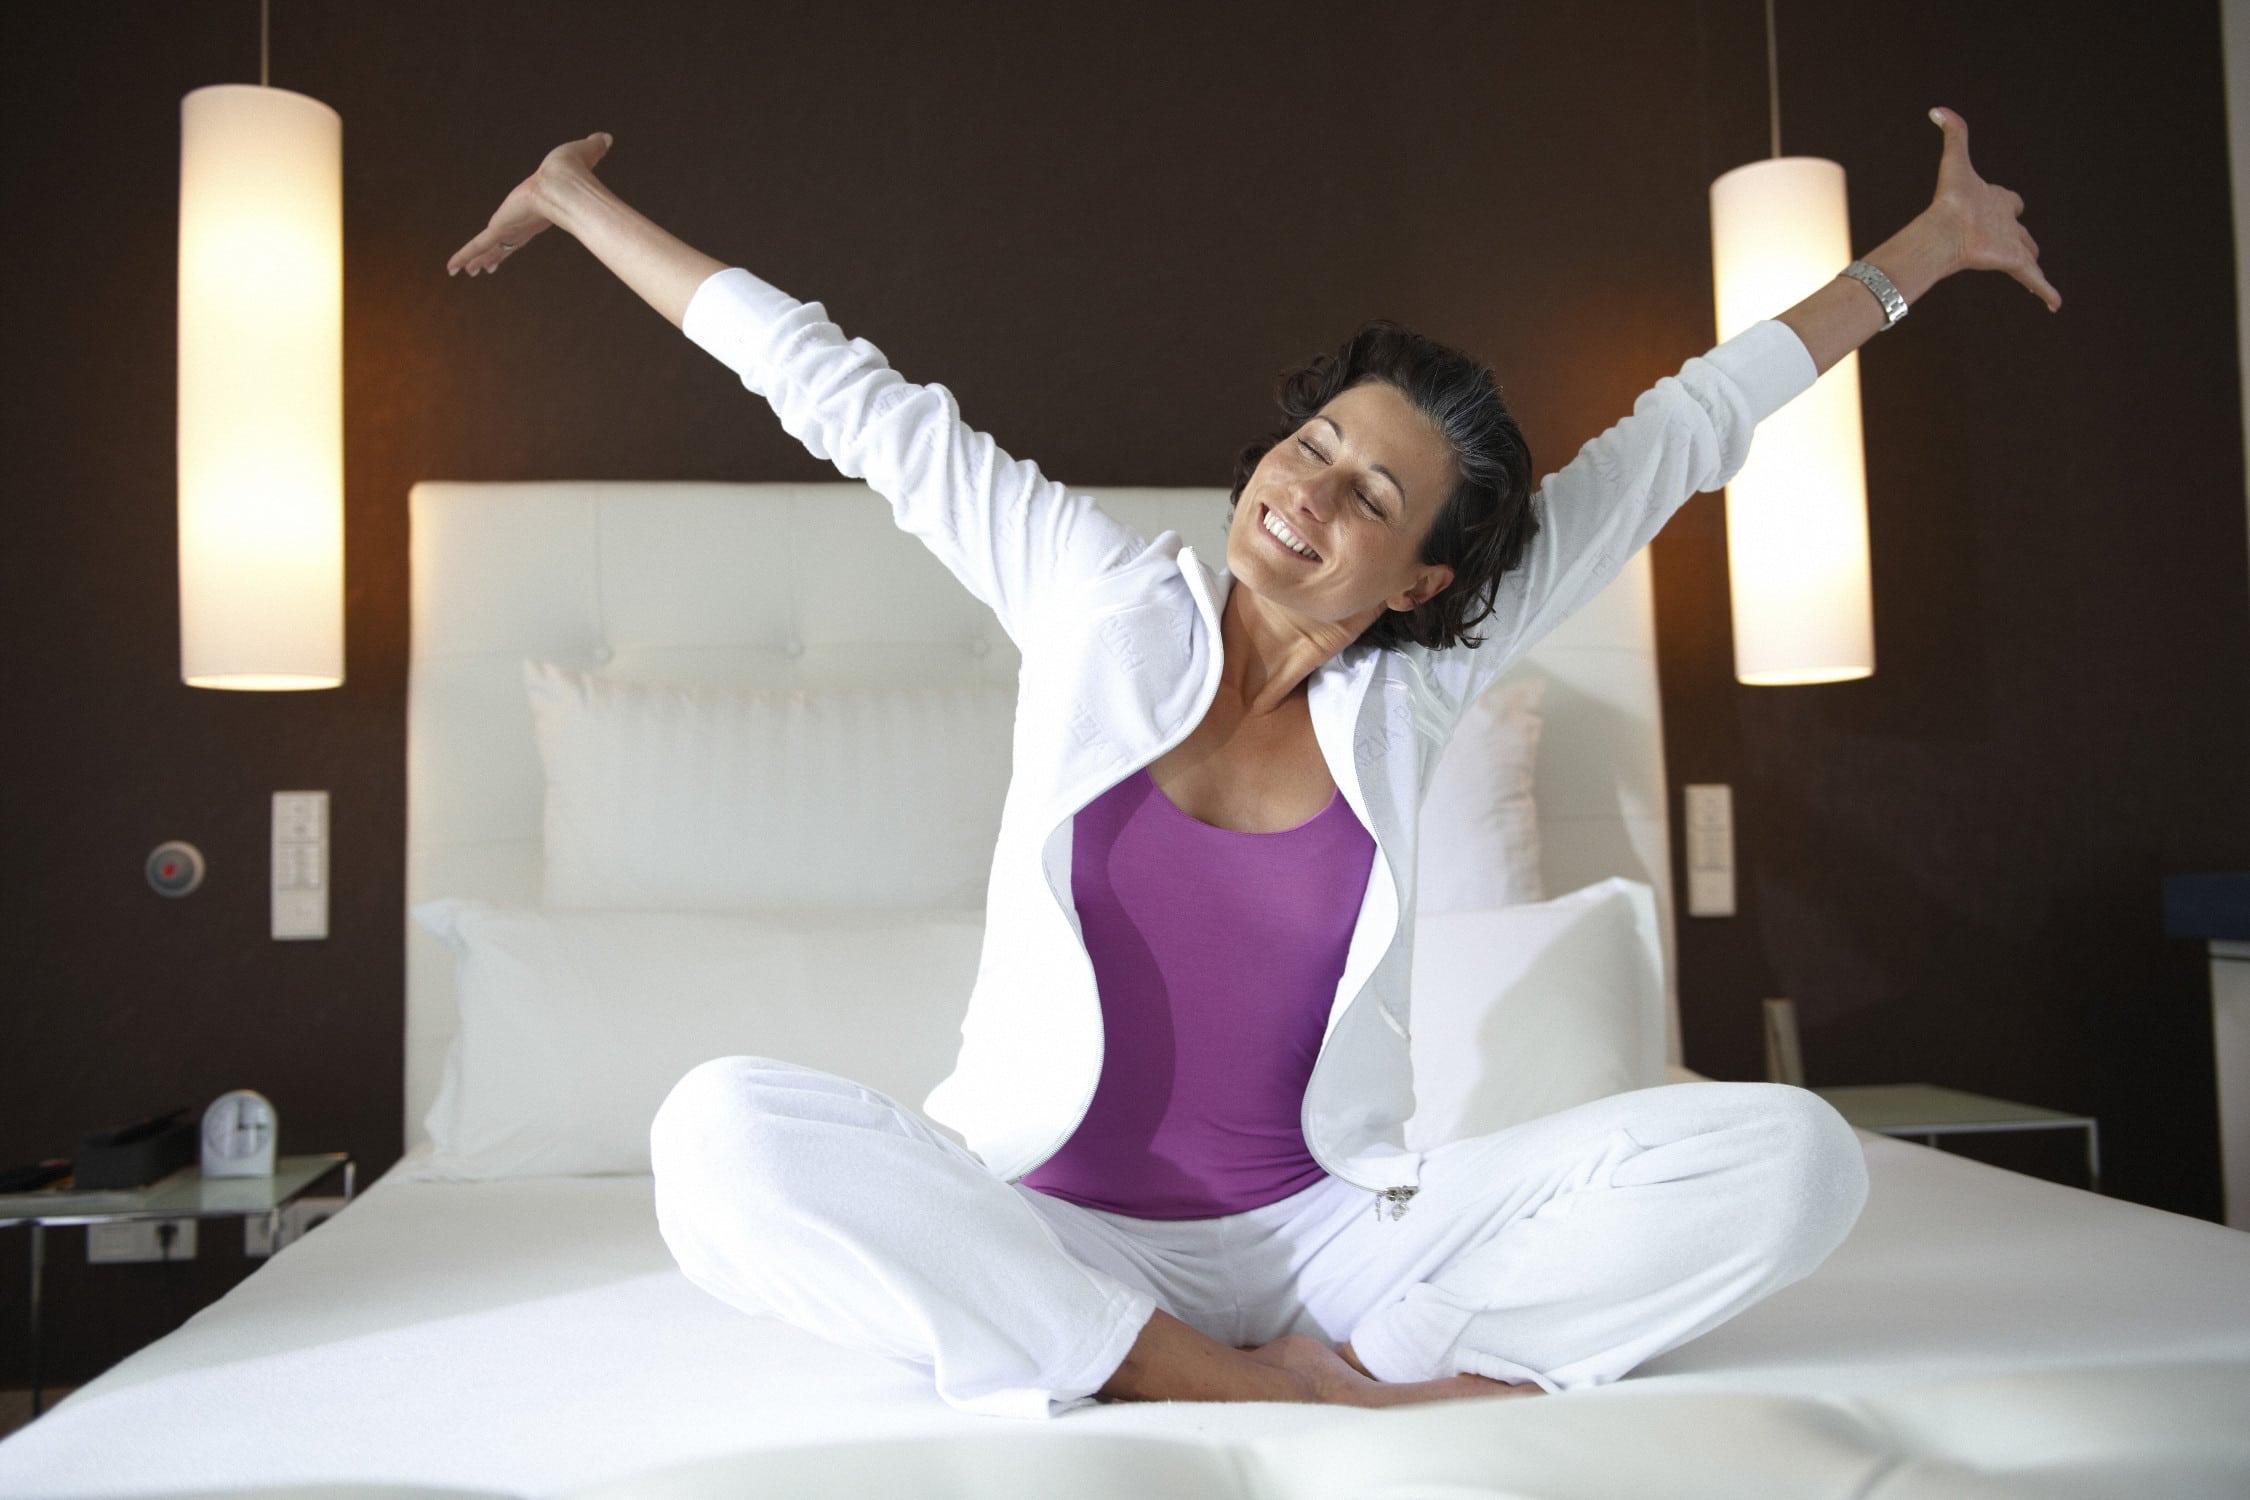 Schöne Frau steckt sich in ihrem eleganten Schlafzimmer